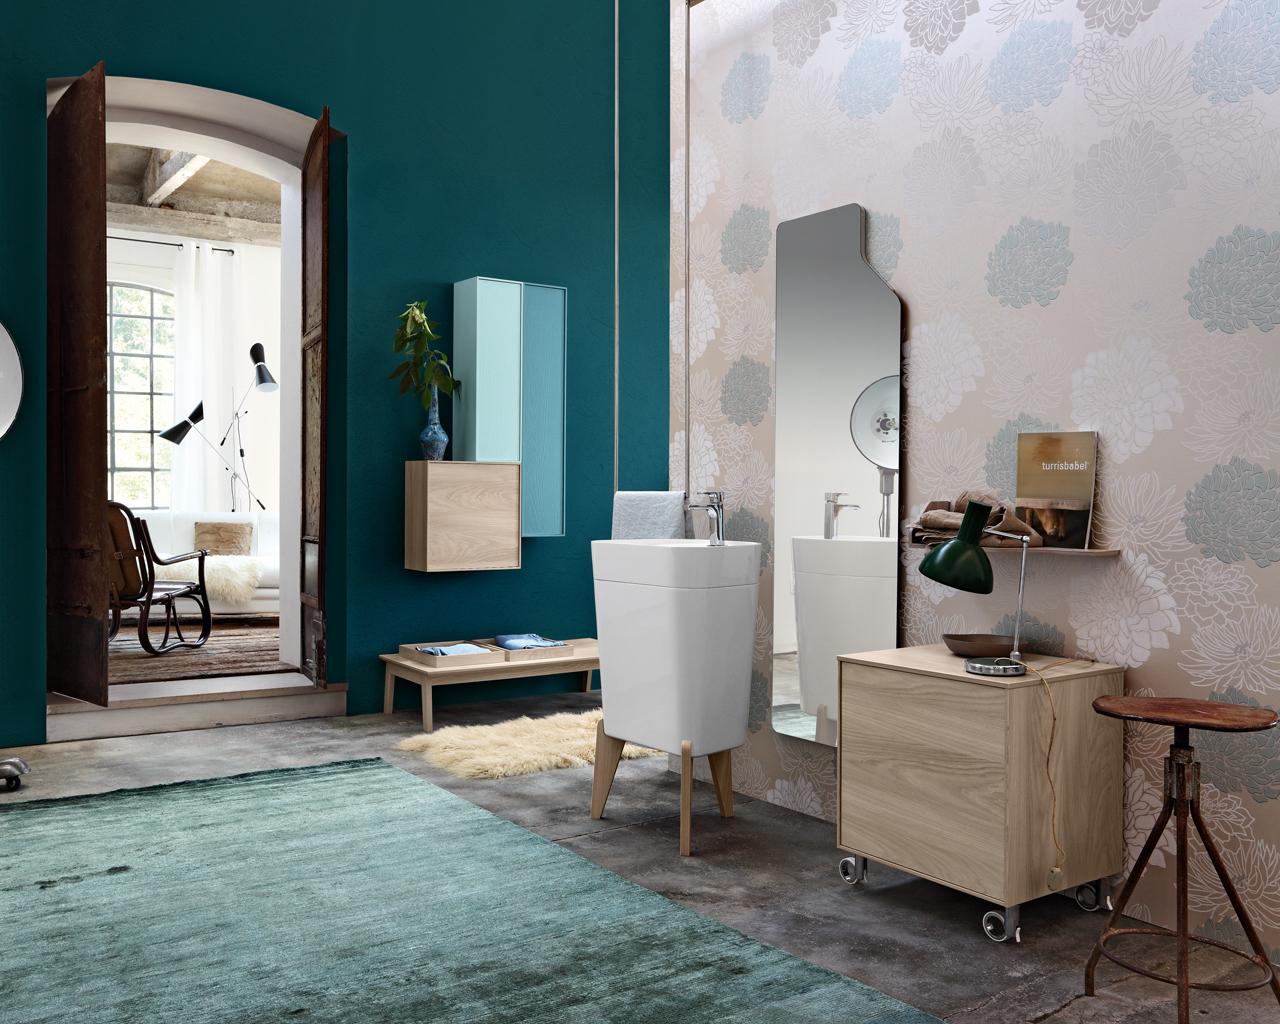 Una stanza da bagno vintage in stile anni 50 - Modelli di bagno ...